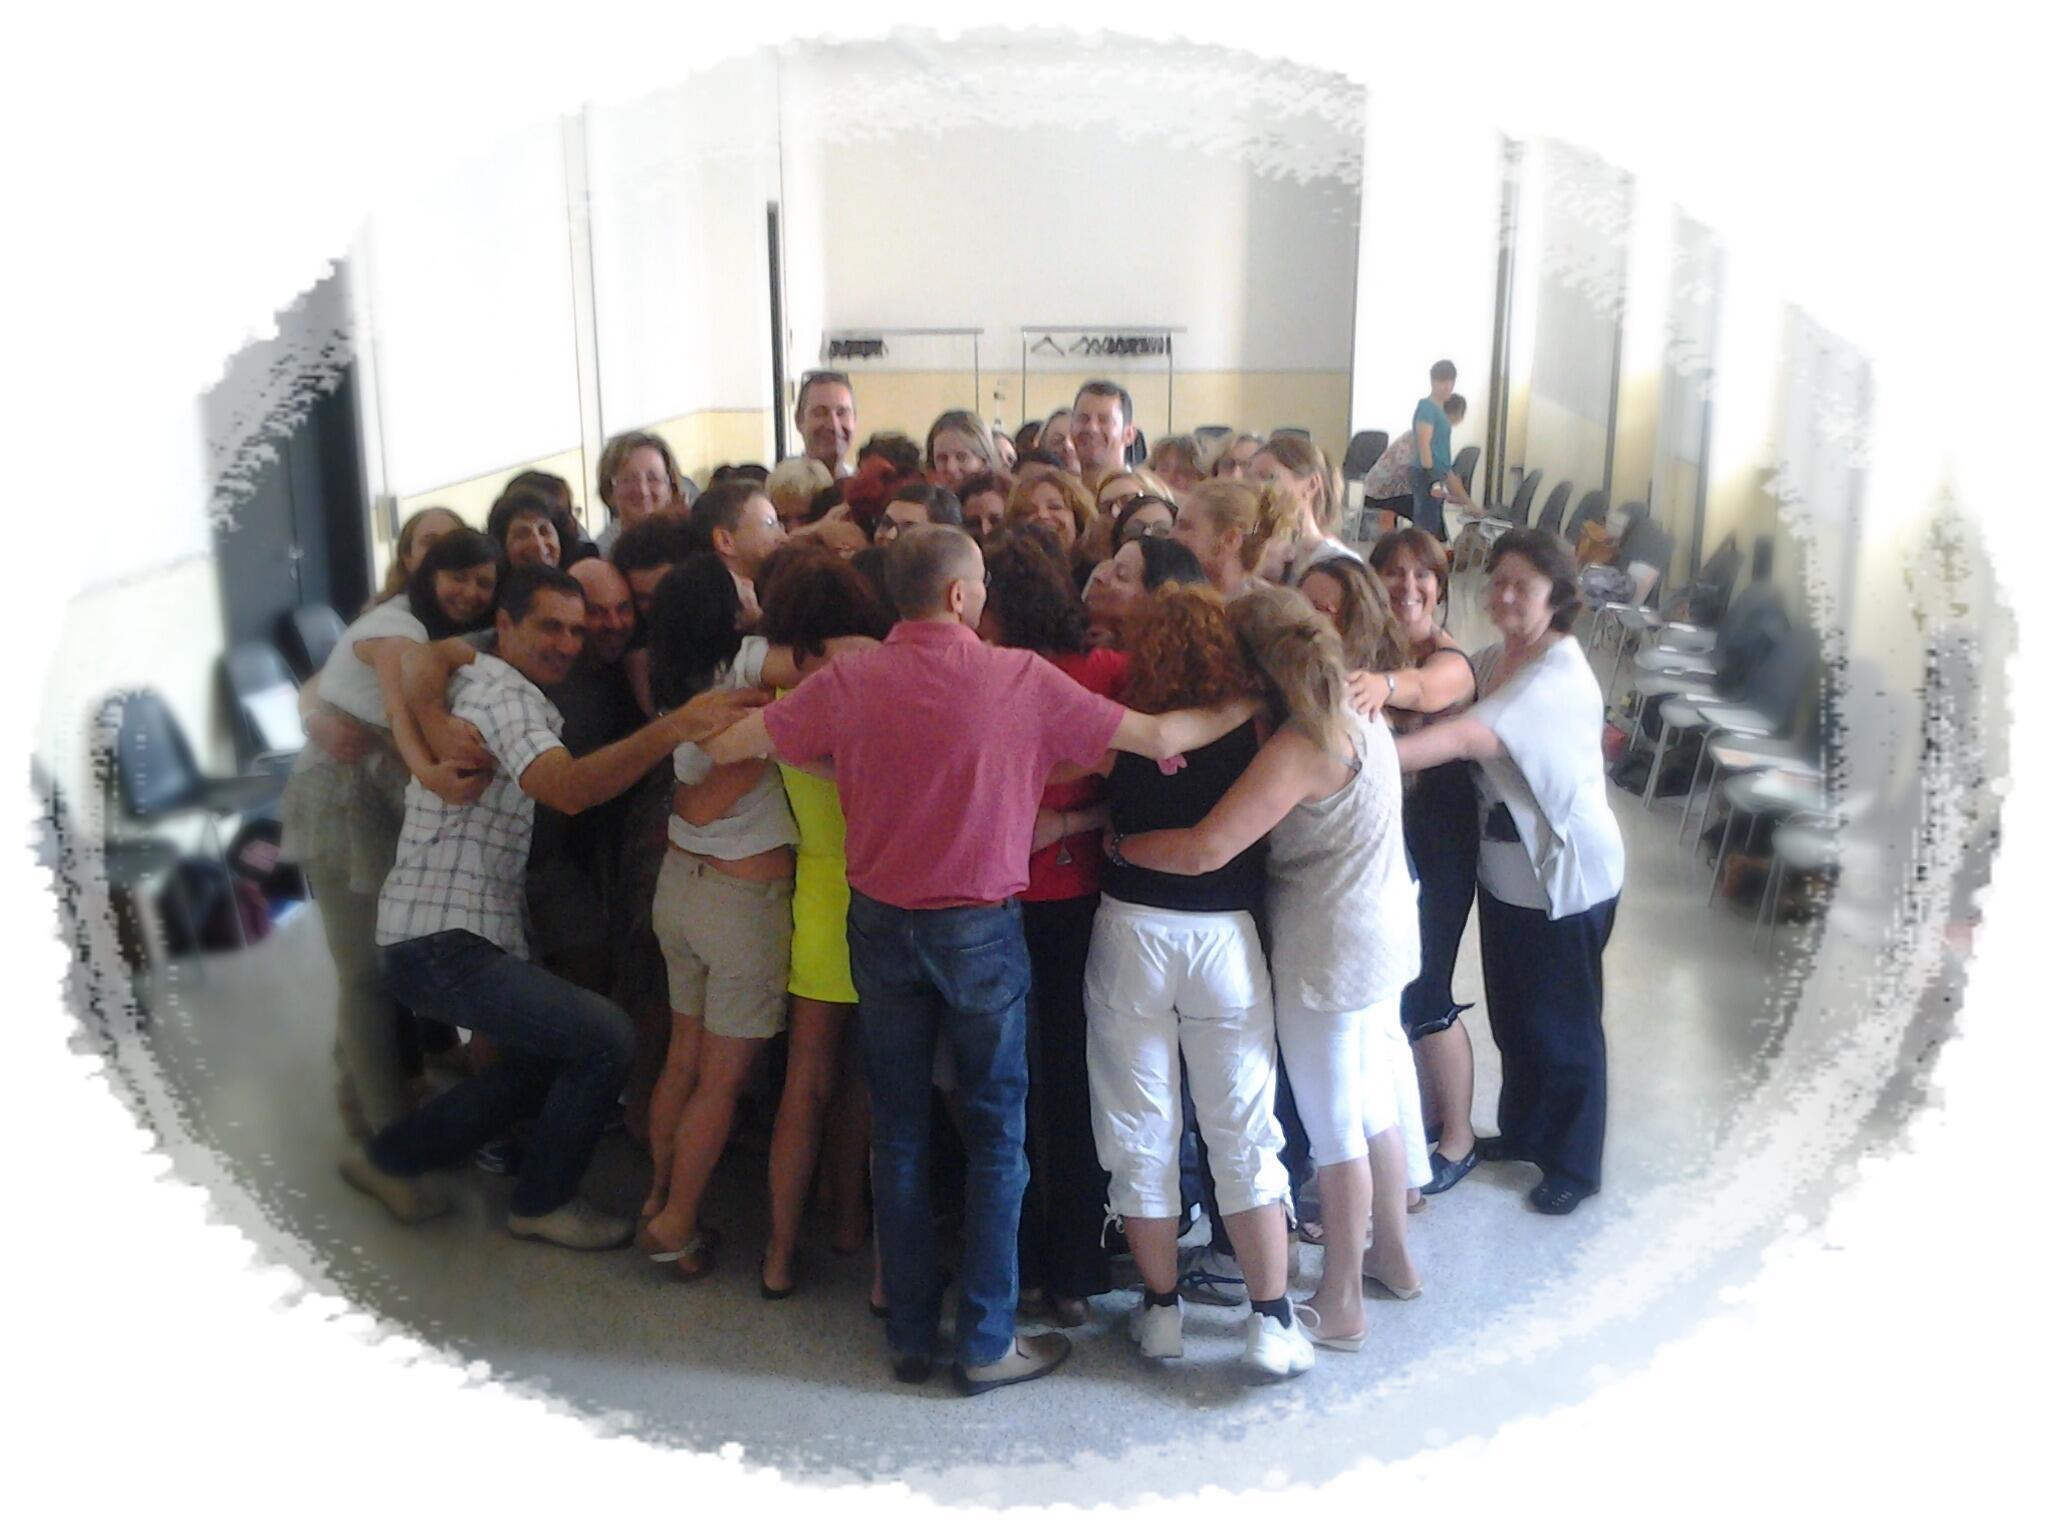 Grazie per l'abbraccio di tutti i partecipanti al laboratorio di oggi! Veronica Marsiglia. #PsicoTangoTerapia http://t.co/U1R2CBGmYl